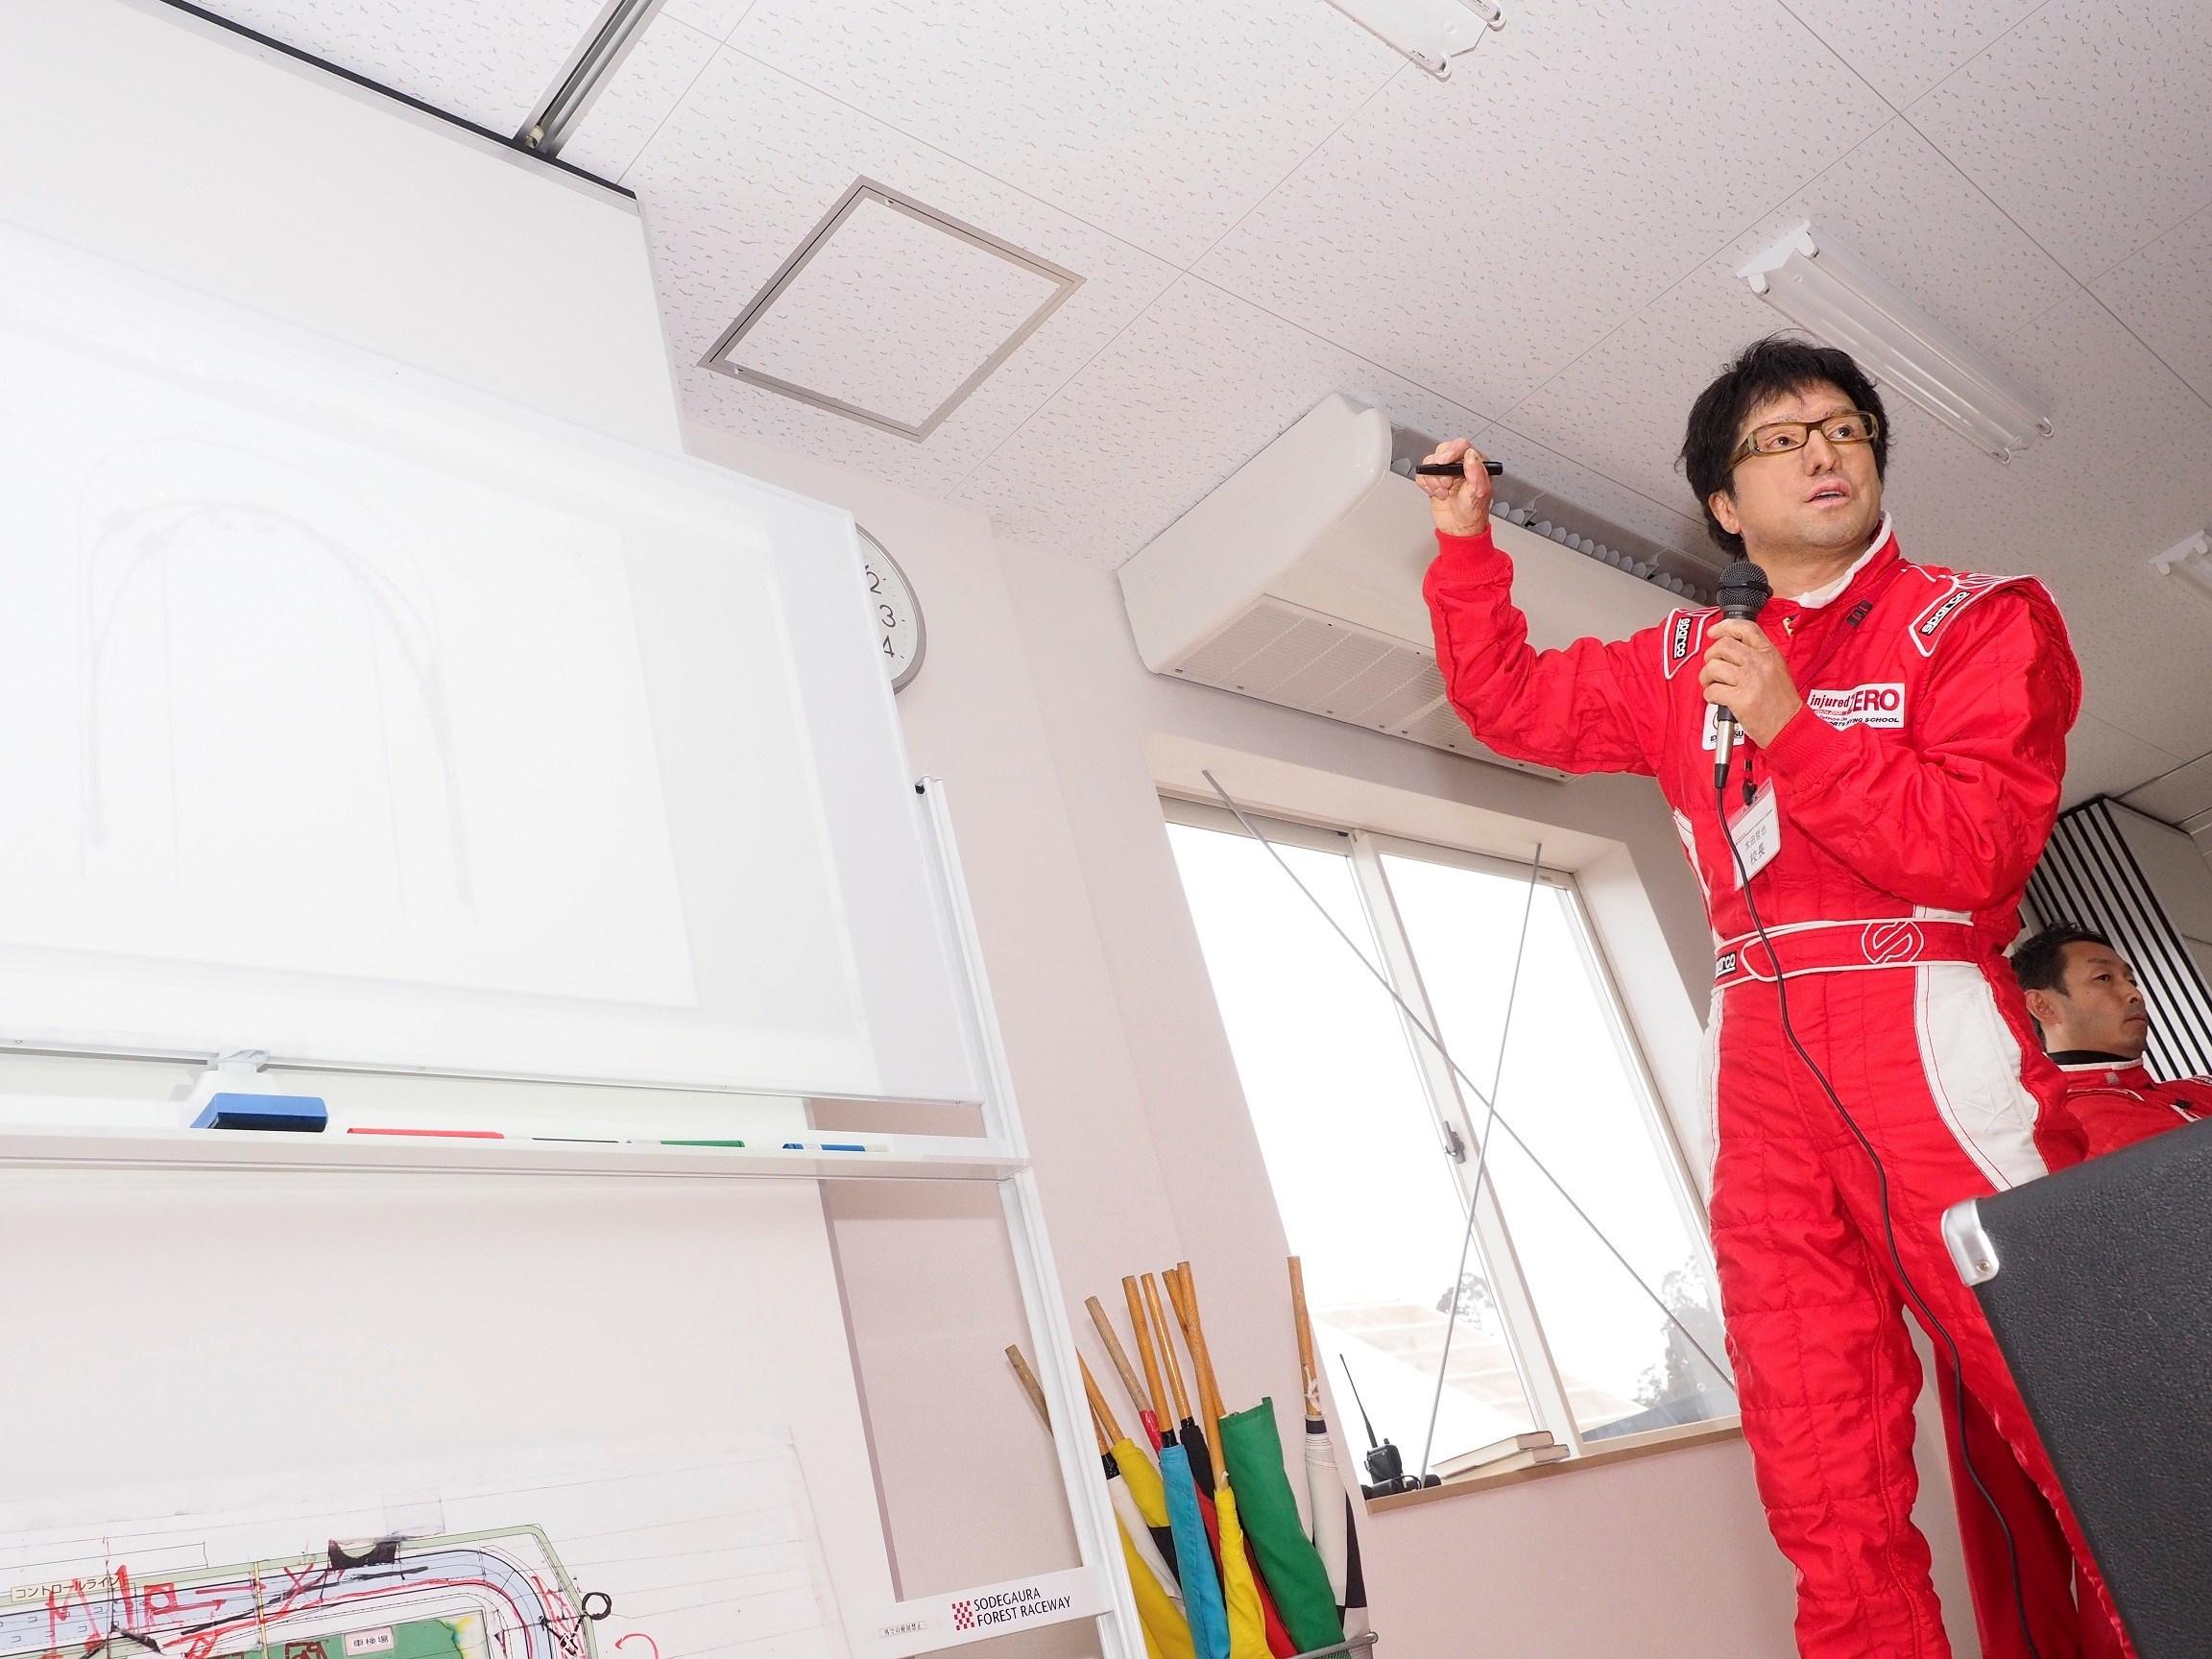 教習車両はロードスターRFとCX-5、太田哲也とマツダによる特別ドライビングレッスン at NATS...5月13日(土)